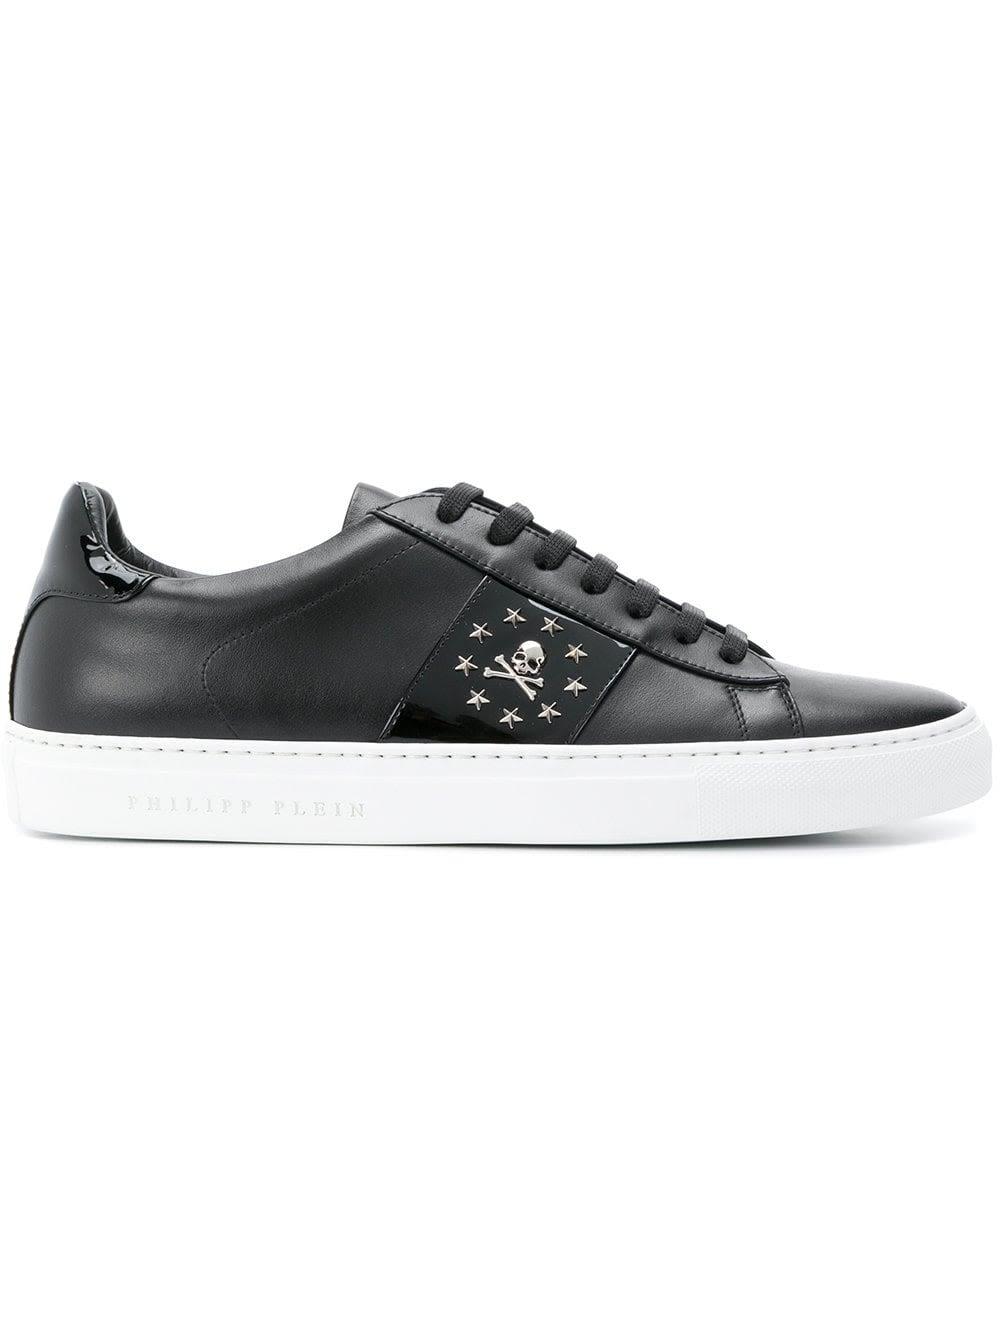 Philipp Plein Skull Studded Sneakers